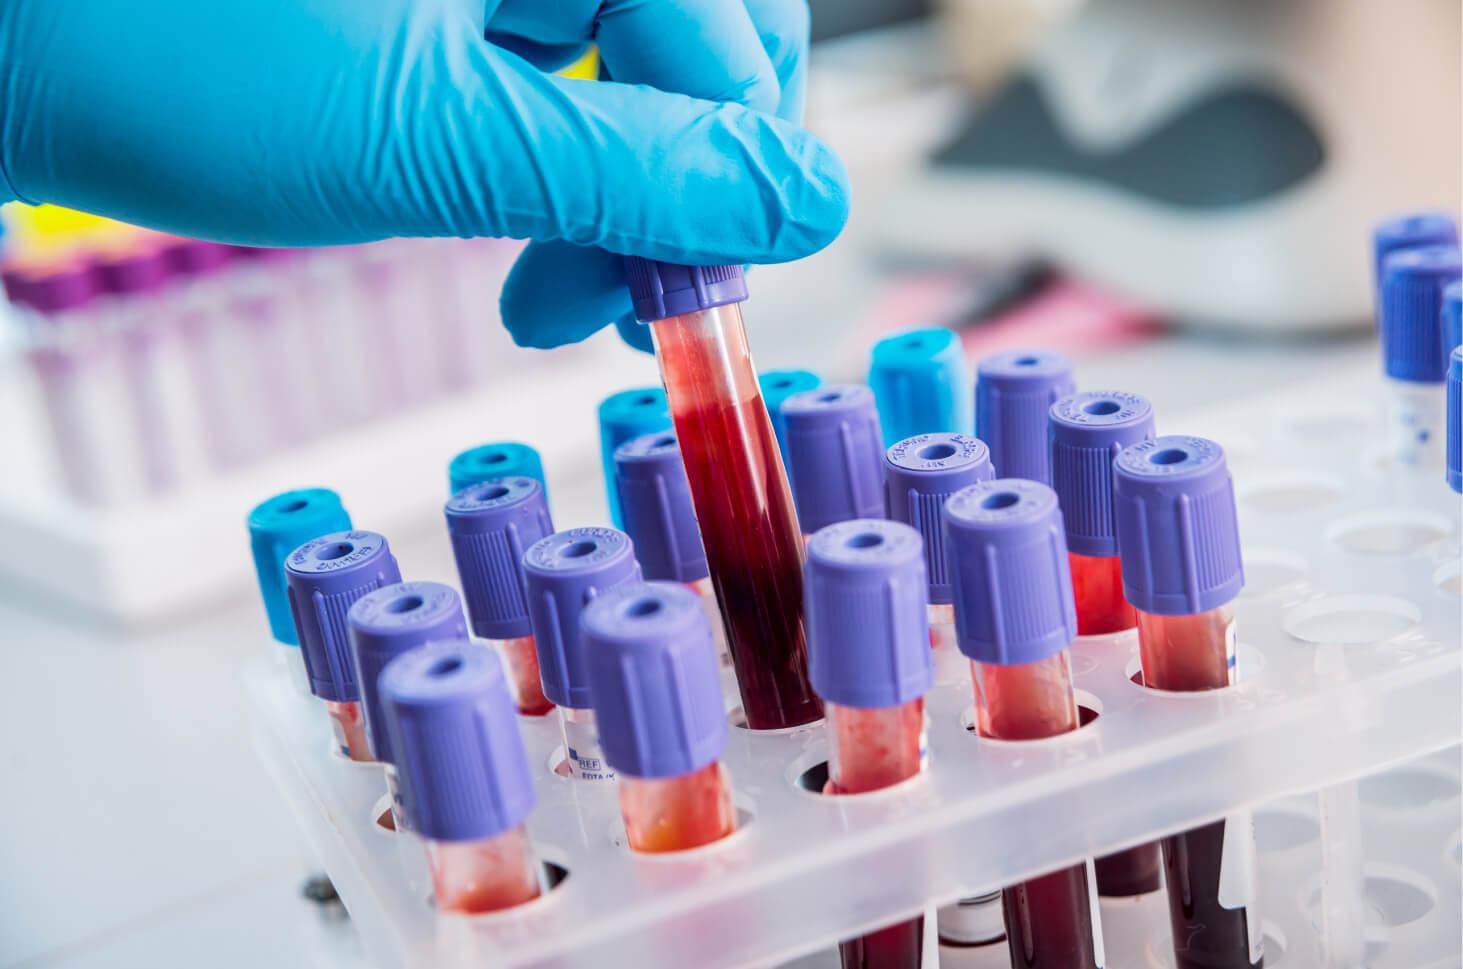 tahapan tes hematologi, sel darah merah, sel darah putih, trombosit